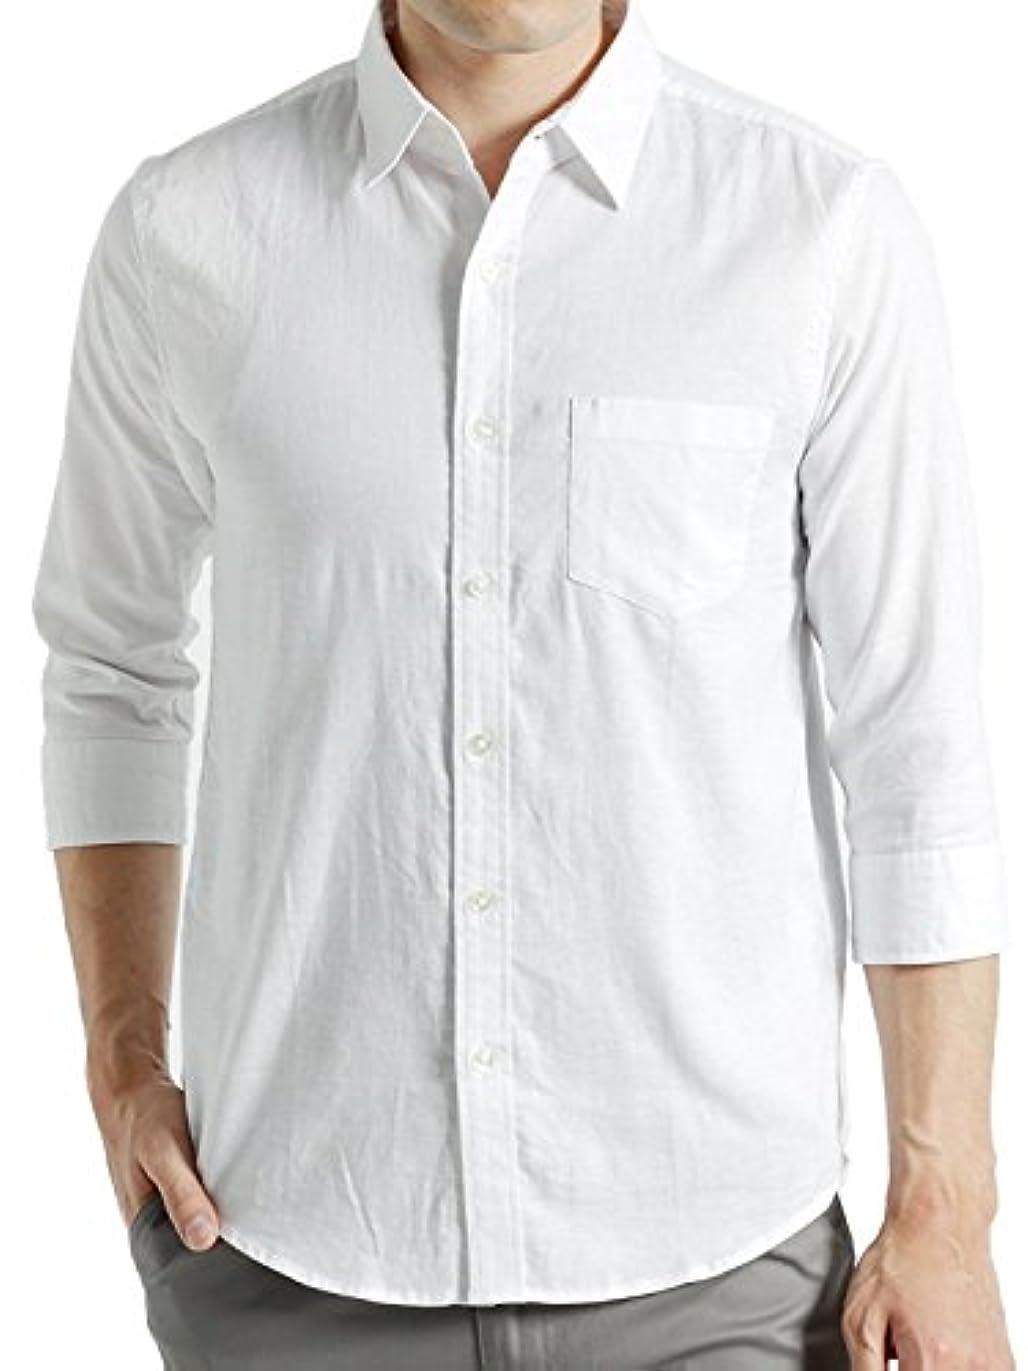 世代名誉ある敷居(オークランド) Oakland 7分袖 リネンシャツ 綿麻シャツ ストレッチ シャツ サマー メンズ